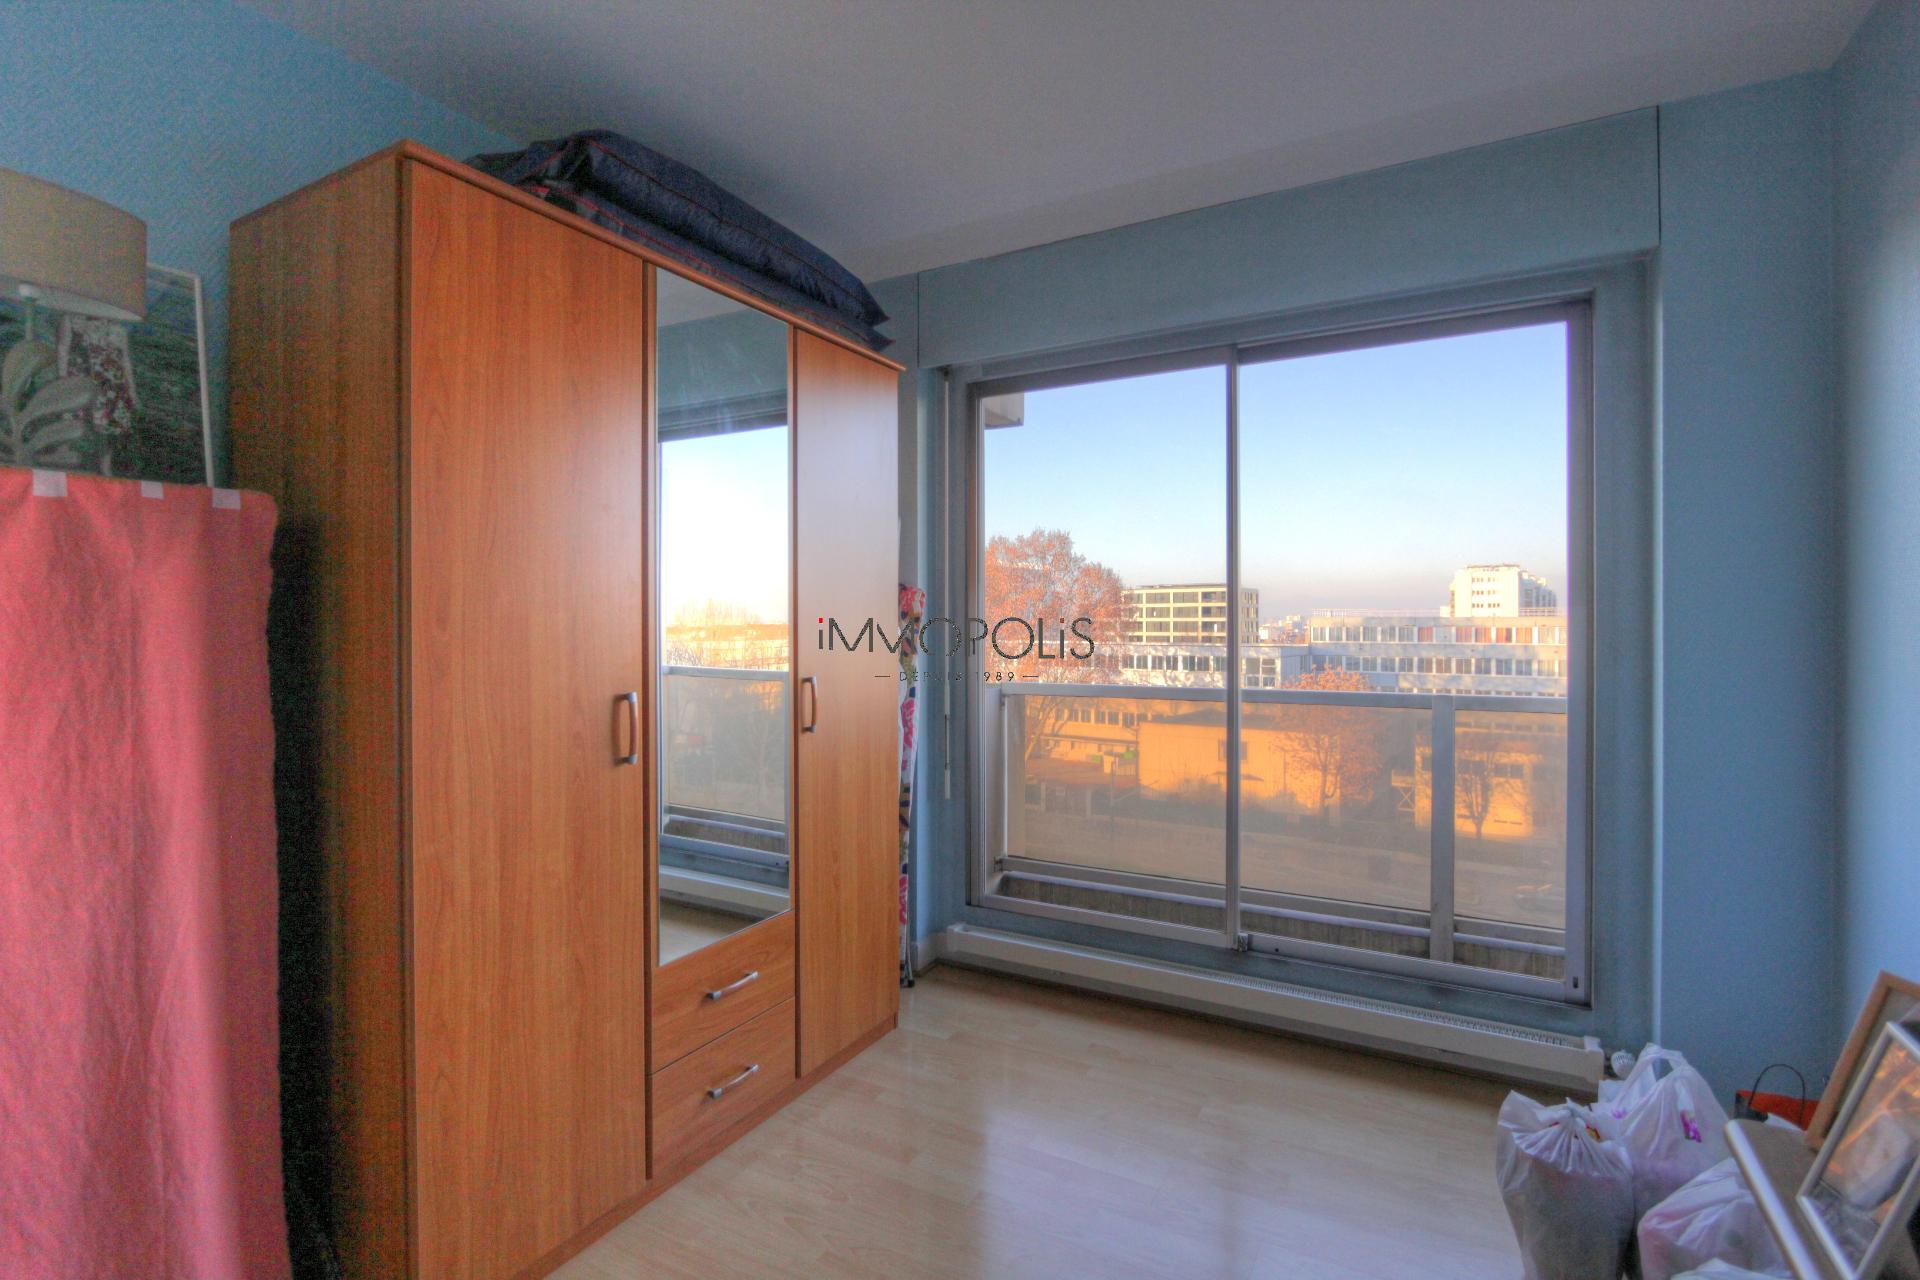 Vente Appartement de 2 pièces 46 m² - PARIS 75018 | IMMOPOLIS RAVIGNAN - AR photo8